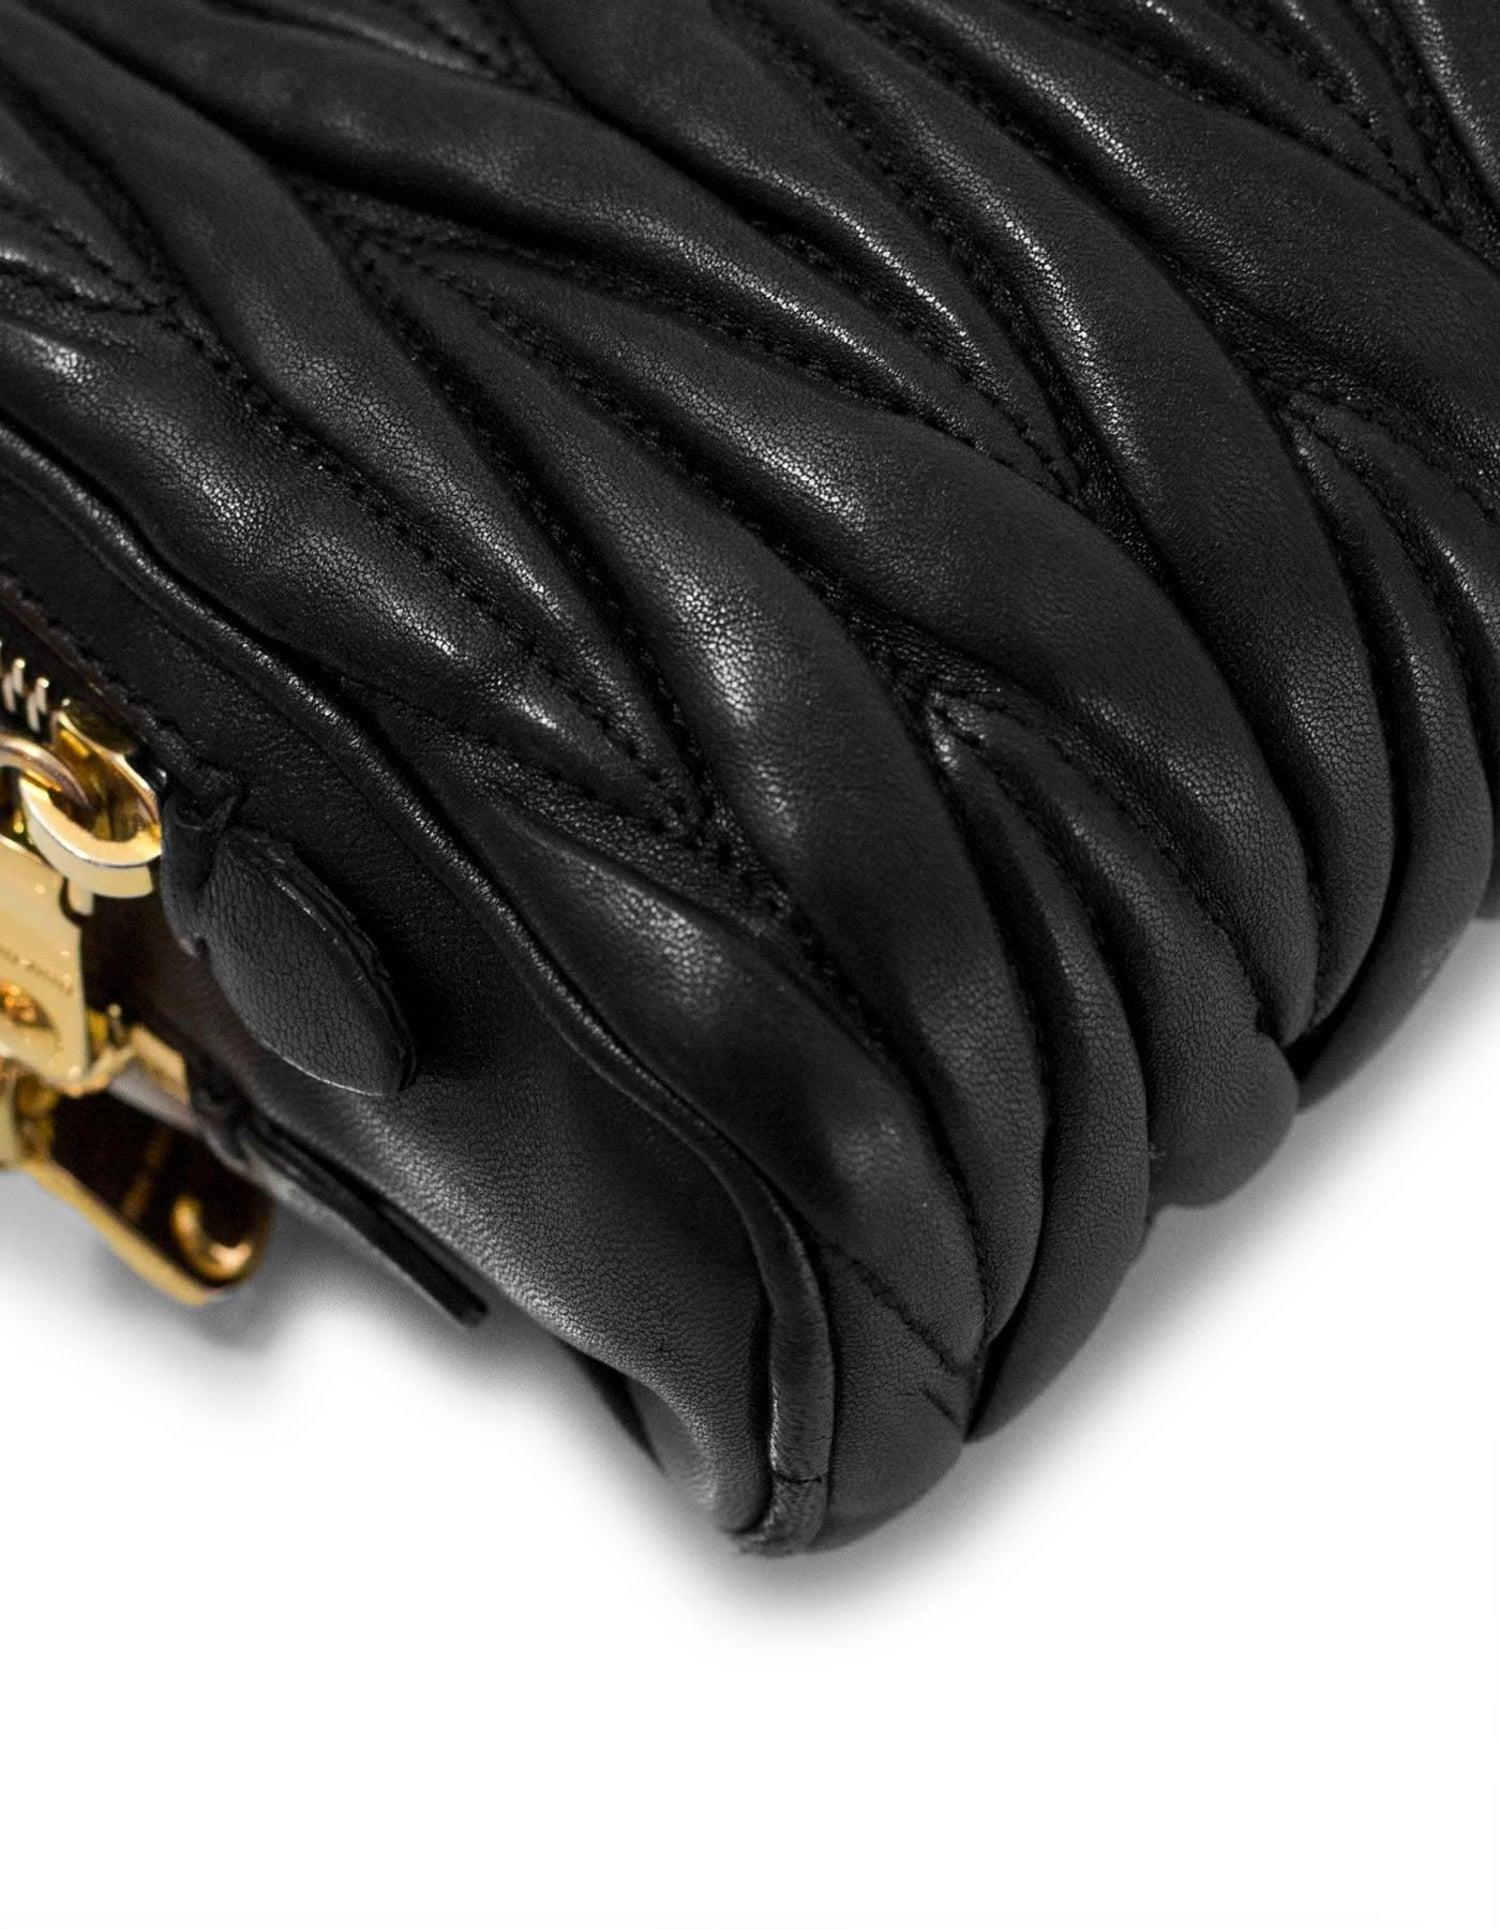 Miu Miu Black Nappa Leather Matelasse Lux Camera Crossbody Bag For Sale at  1stdibs 270edb66b6d9f